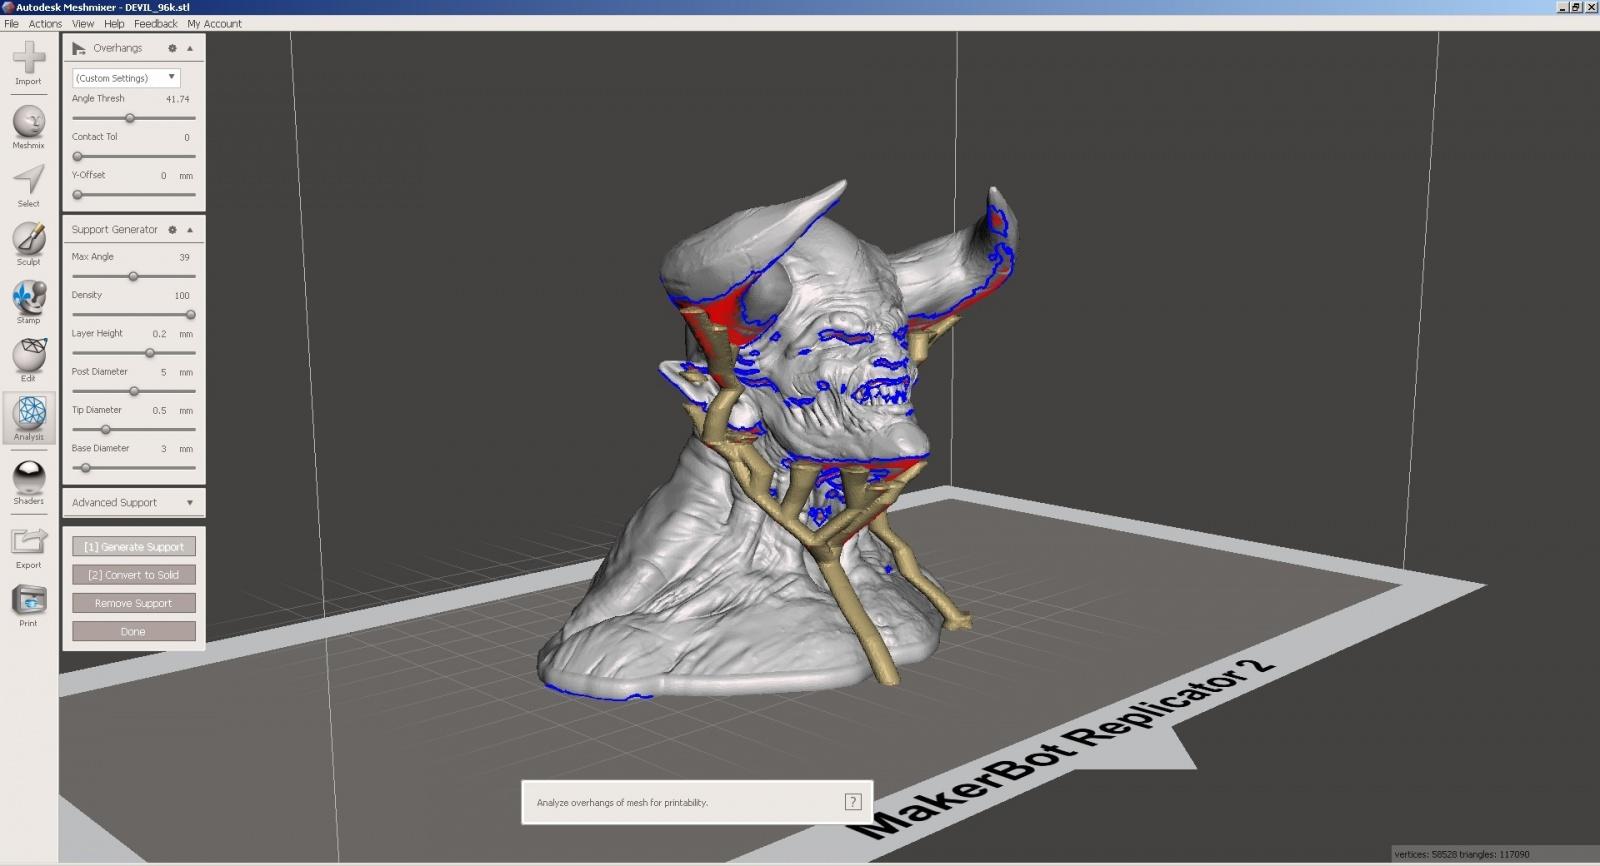 Обзор функции генерации поддержек в Autodesk Meshmixer - 14